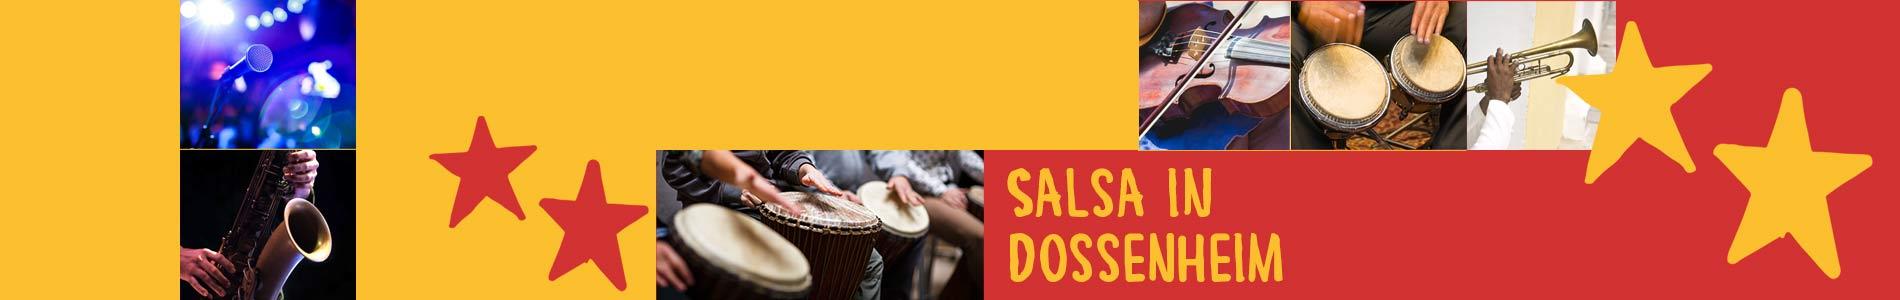 Salsa in Dossenheim – Salsa lernen und tanzen, Tanzkurse, Partys, Veranstaltungen